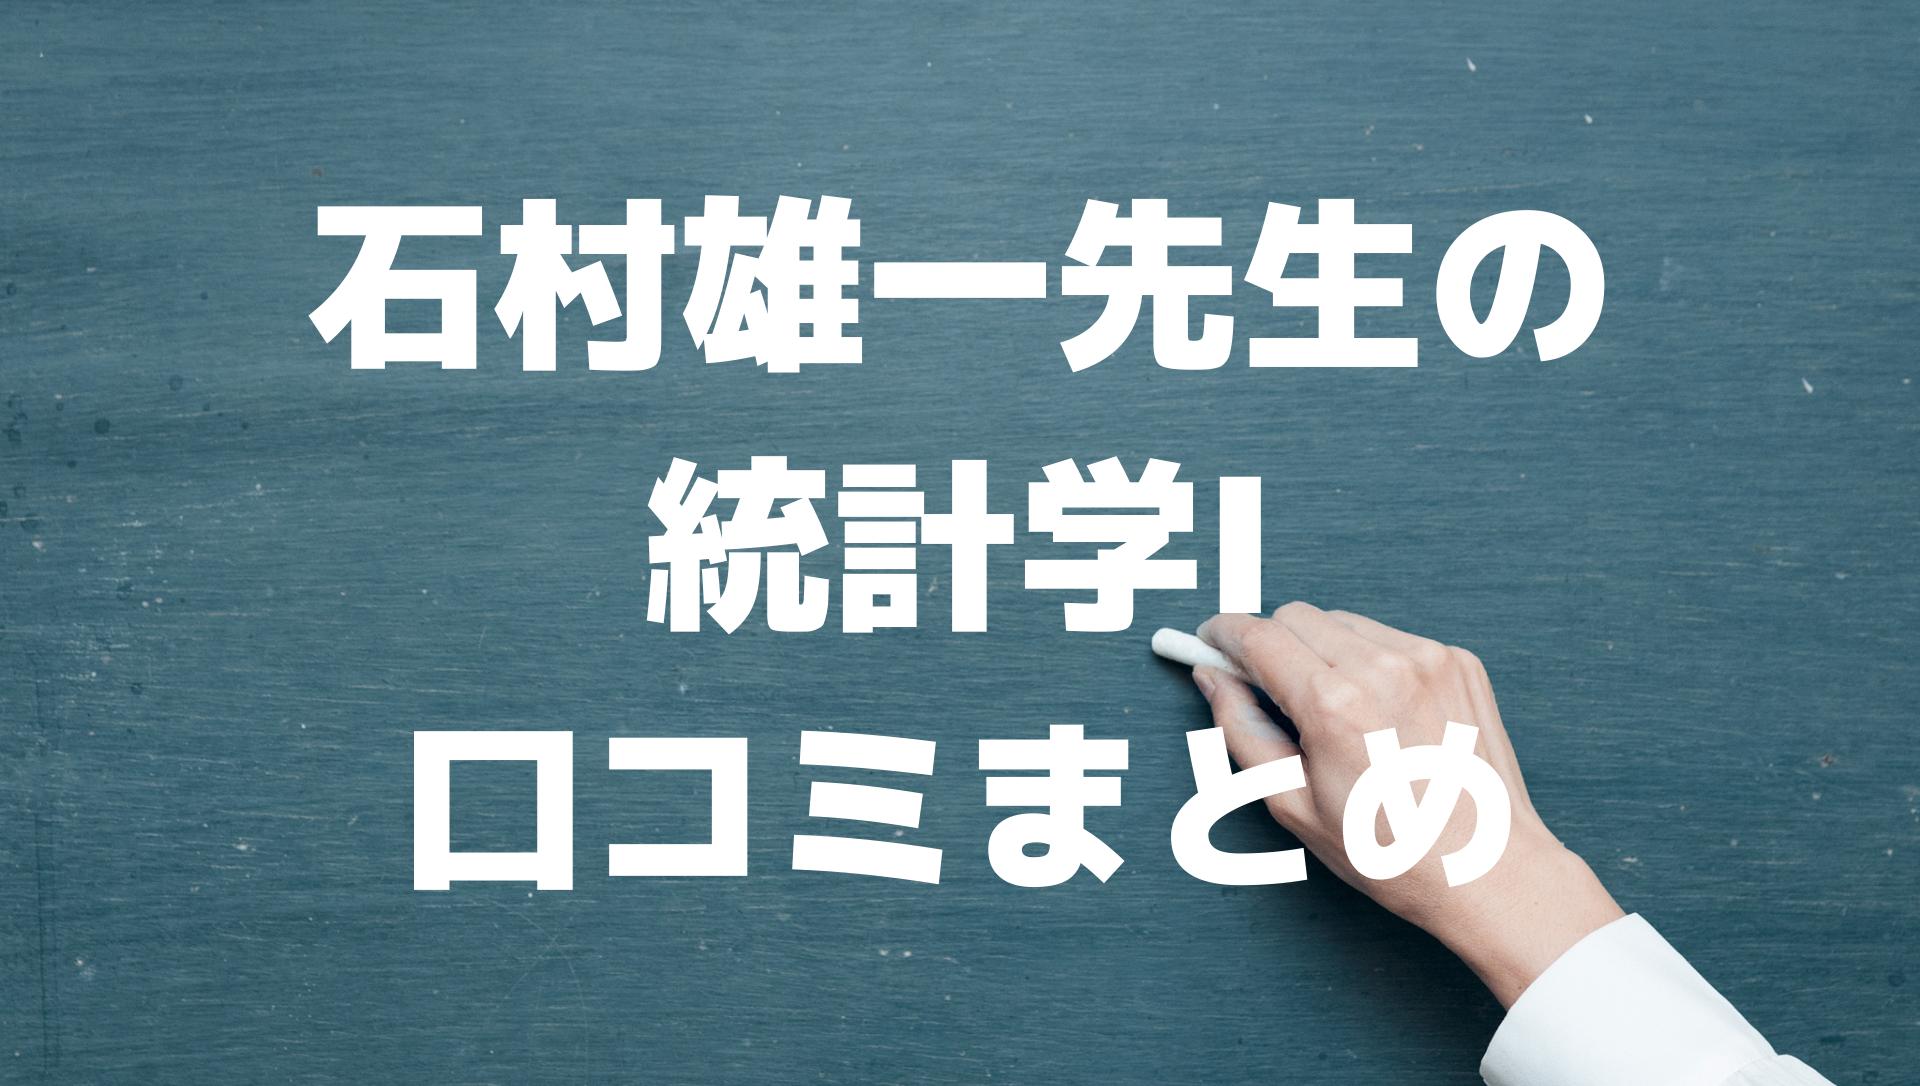 石村雄一先生の統計学I